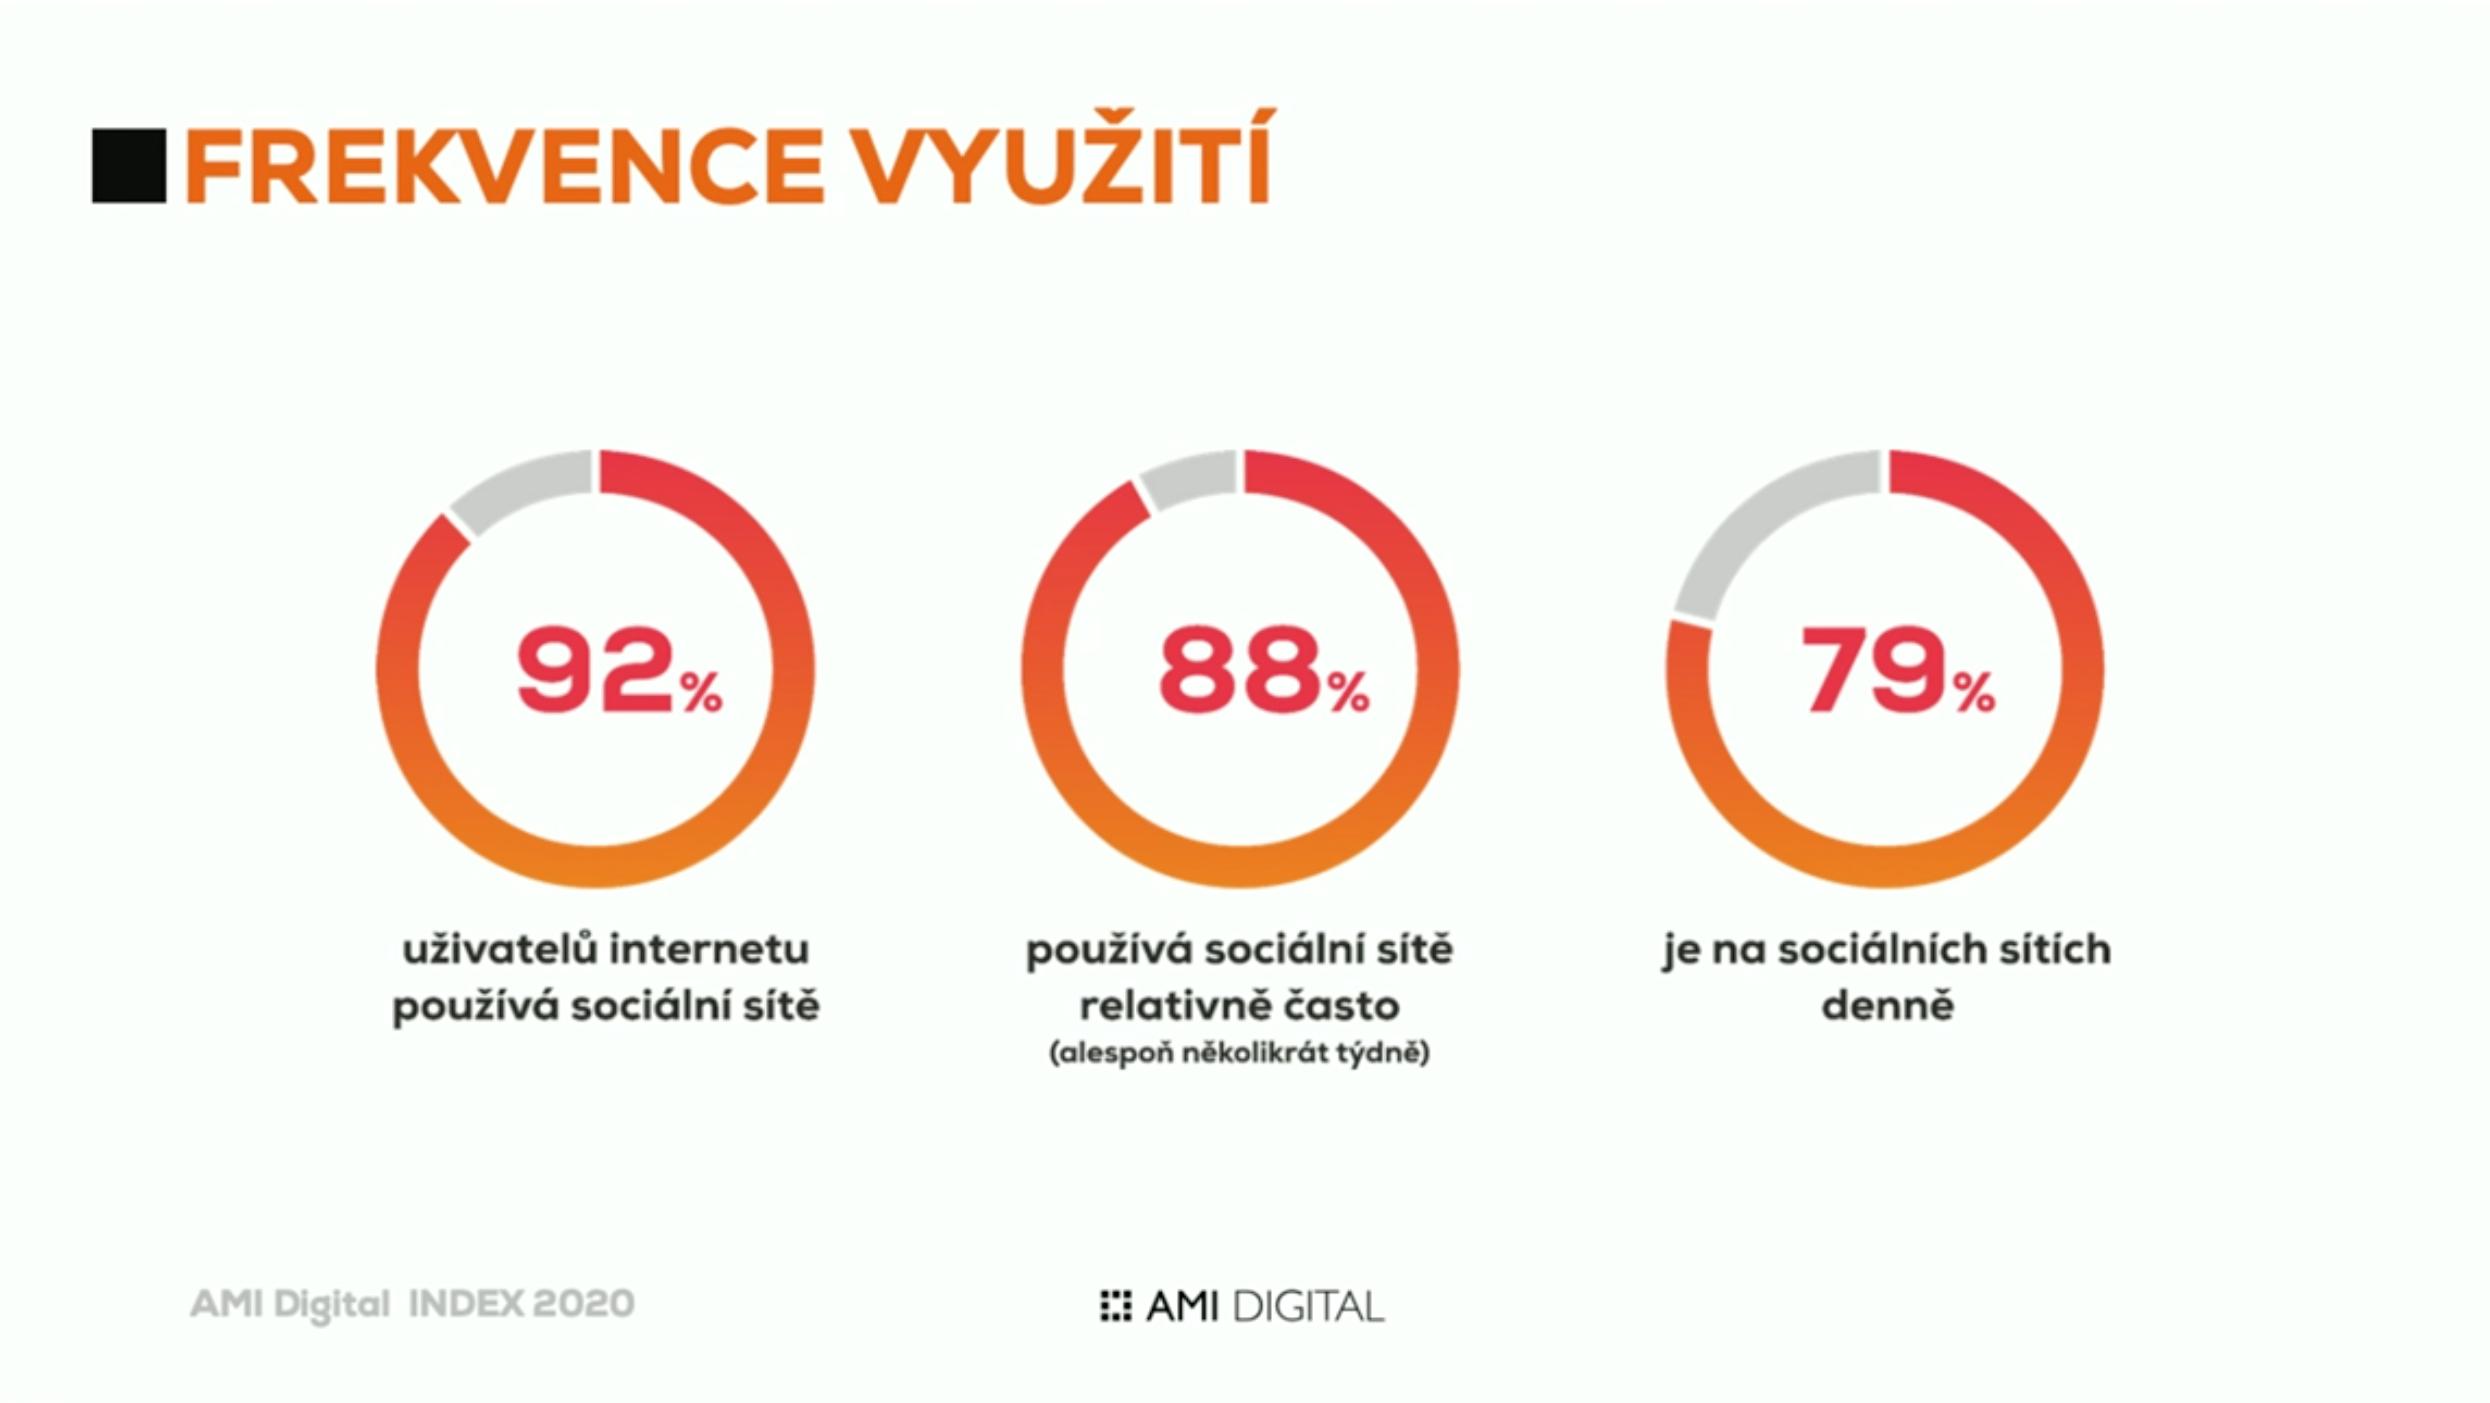 AMI Digital Index 2020: frekvence využití sociálních sítí